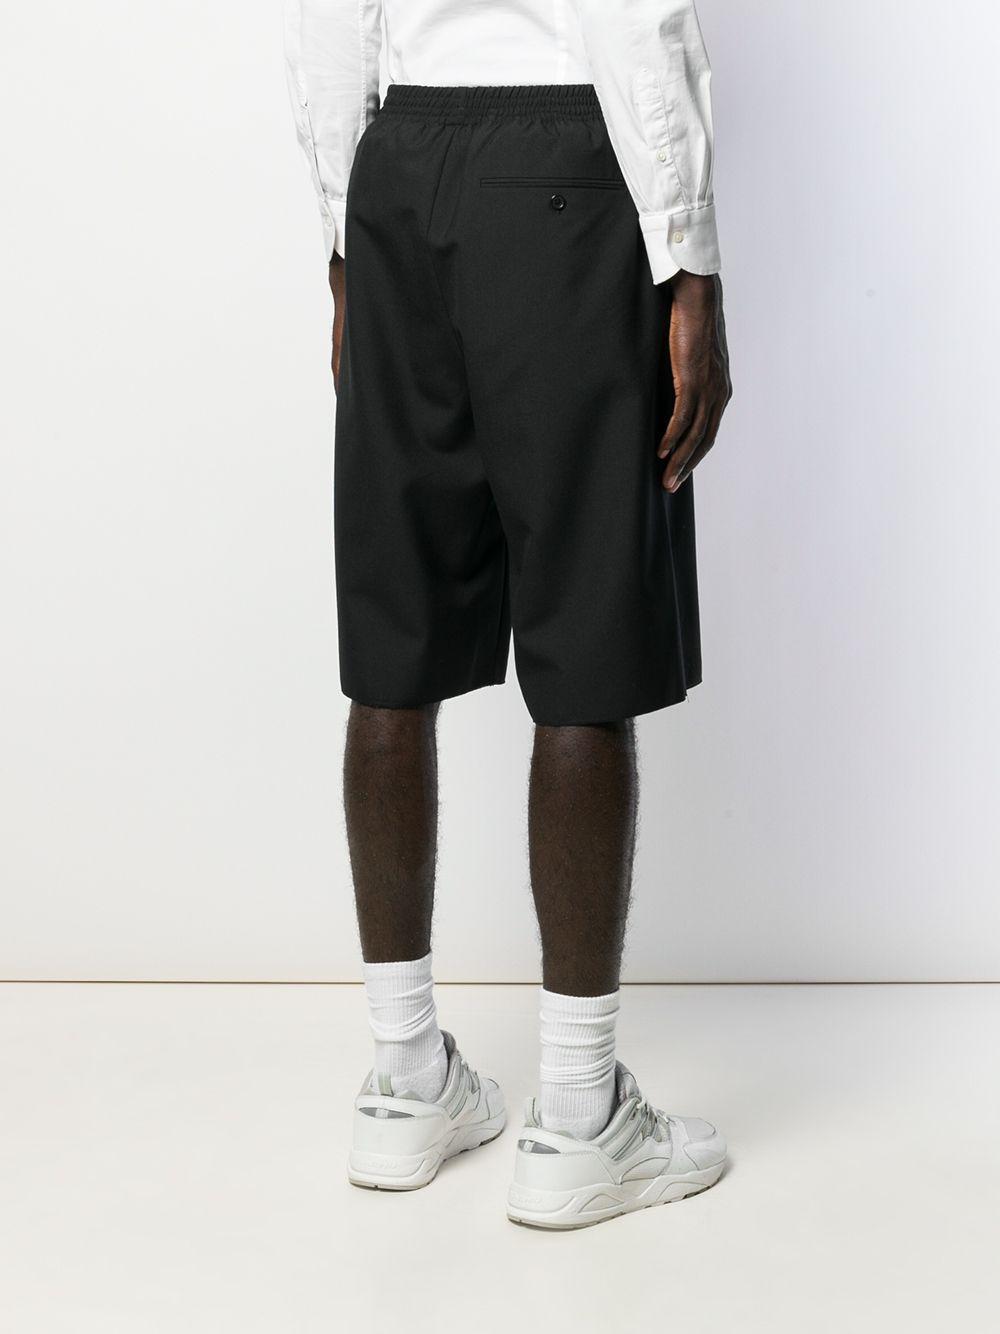 Camiel Fortgens Wol Shorts Met Elastische Taille in het Zwart voor heren